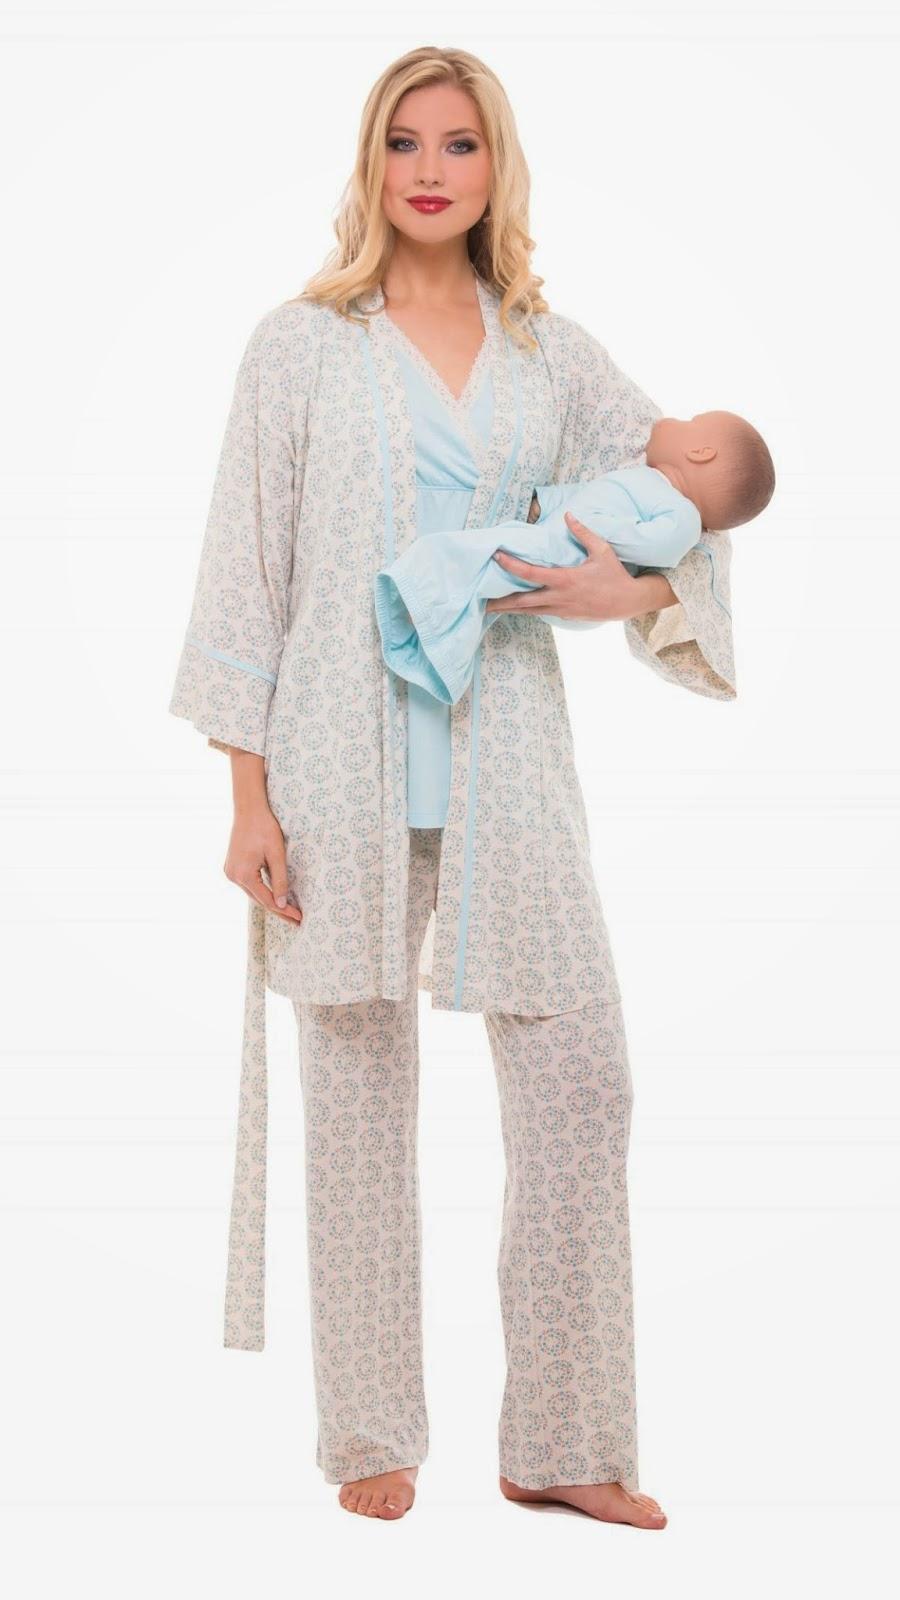 Mckinney Mommas Favorite Nursing Maternity Pajamas From